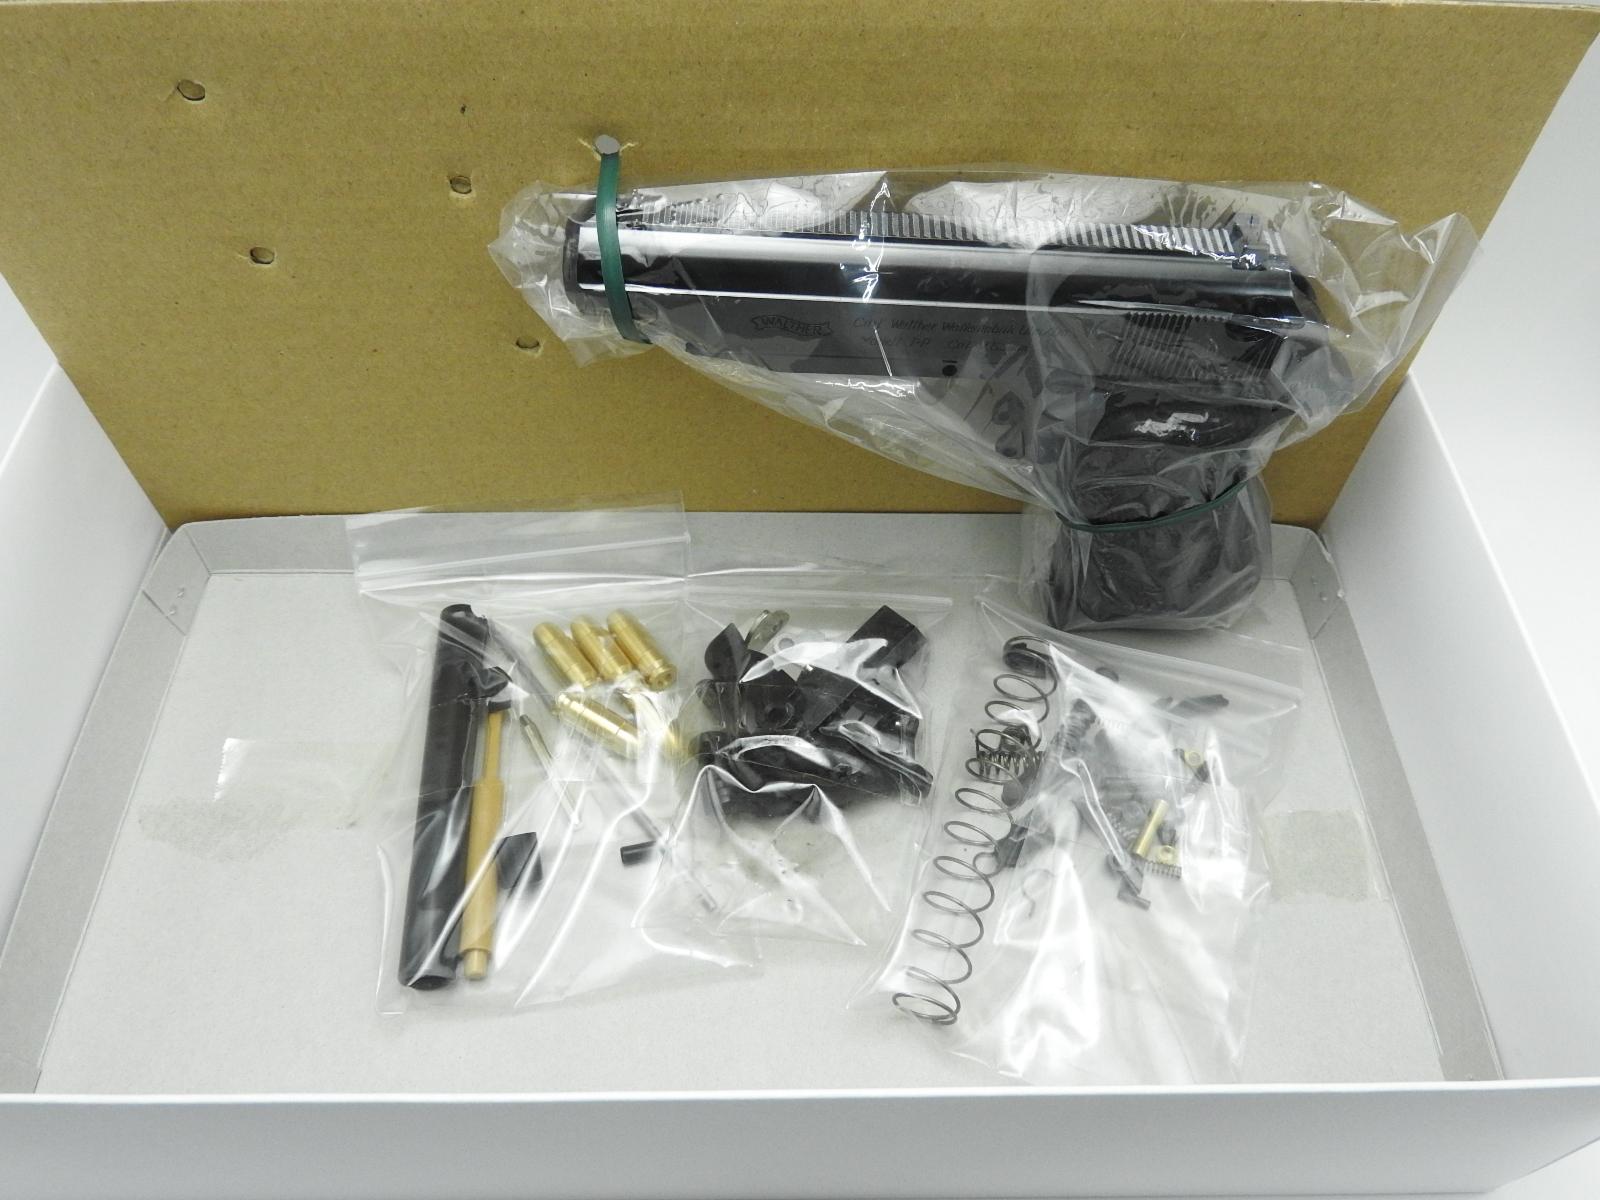 マルシン ワルサー PP Wディープブラック ABS 発火モデルガン ブローバック 組立キット 銃 ハンドガン